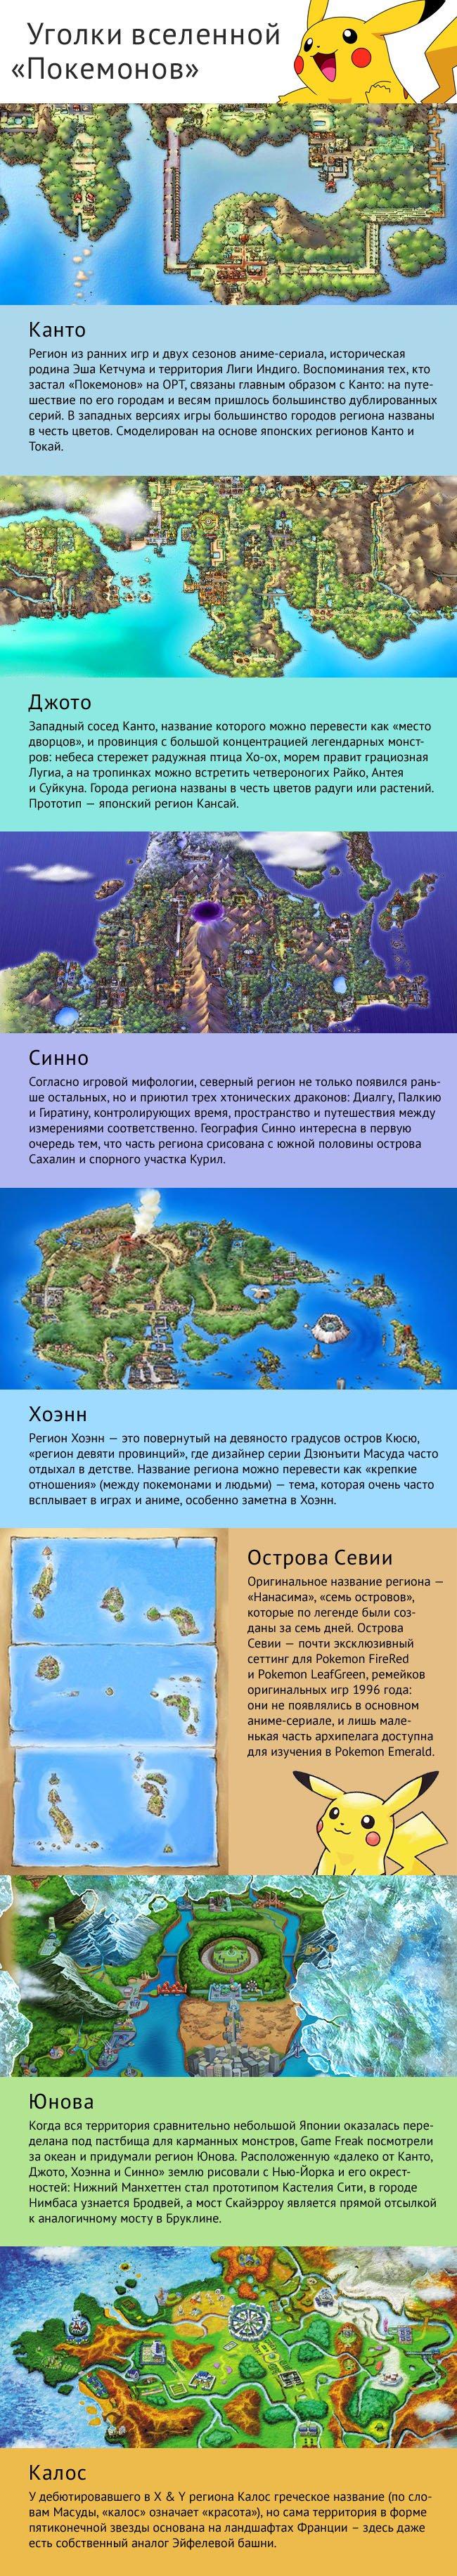 «Покемоны» как вселенная и как бизнес | Канобу - Изображение 1